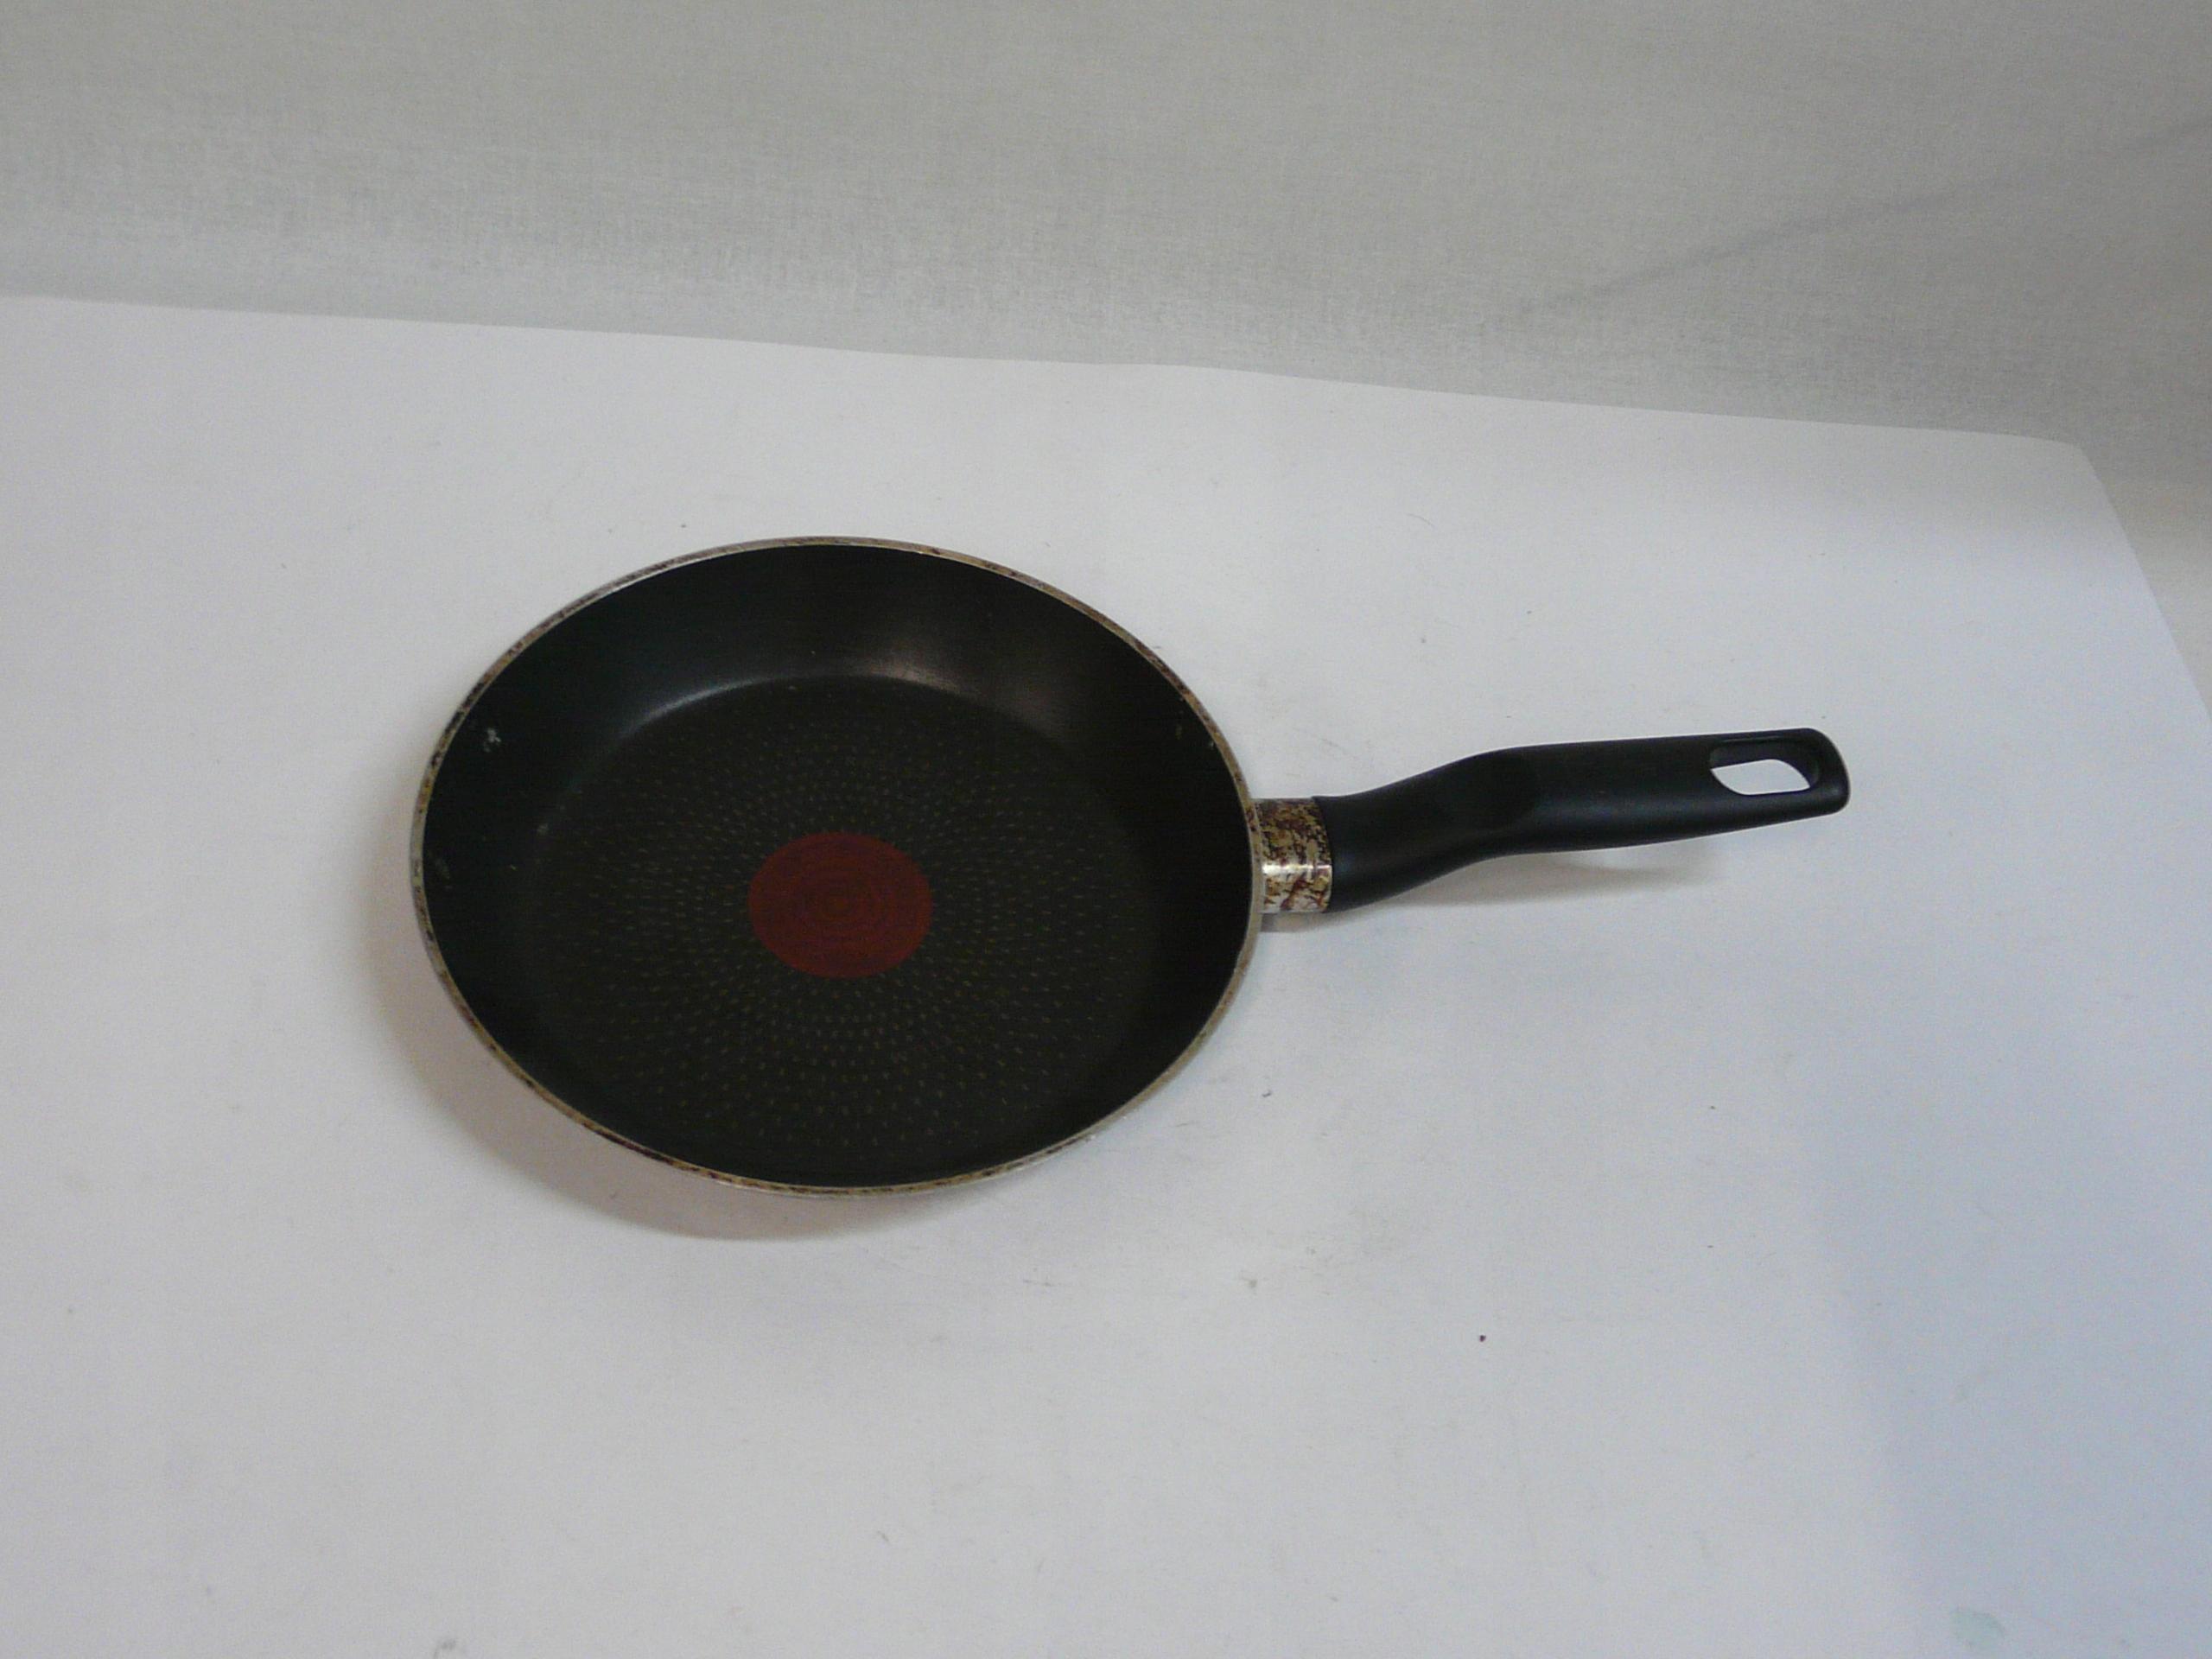 Patelnia tefal 19,5 cm